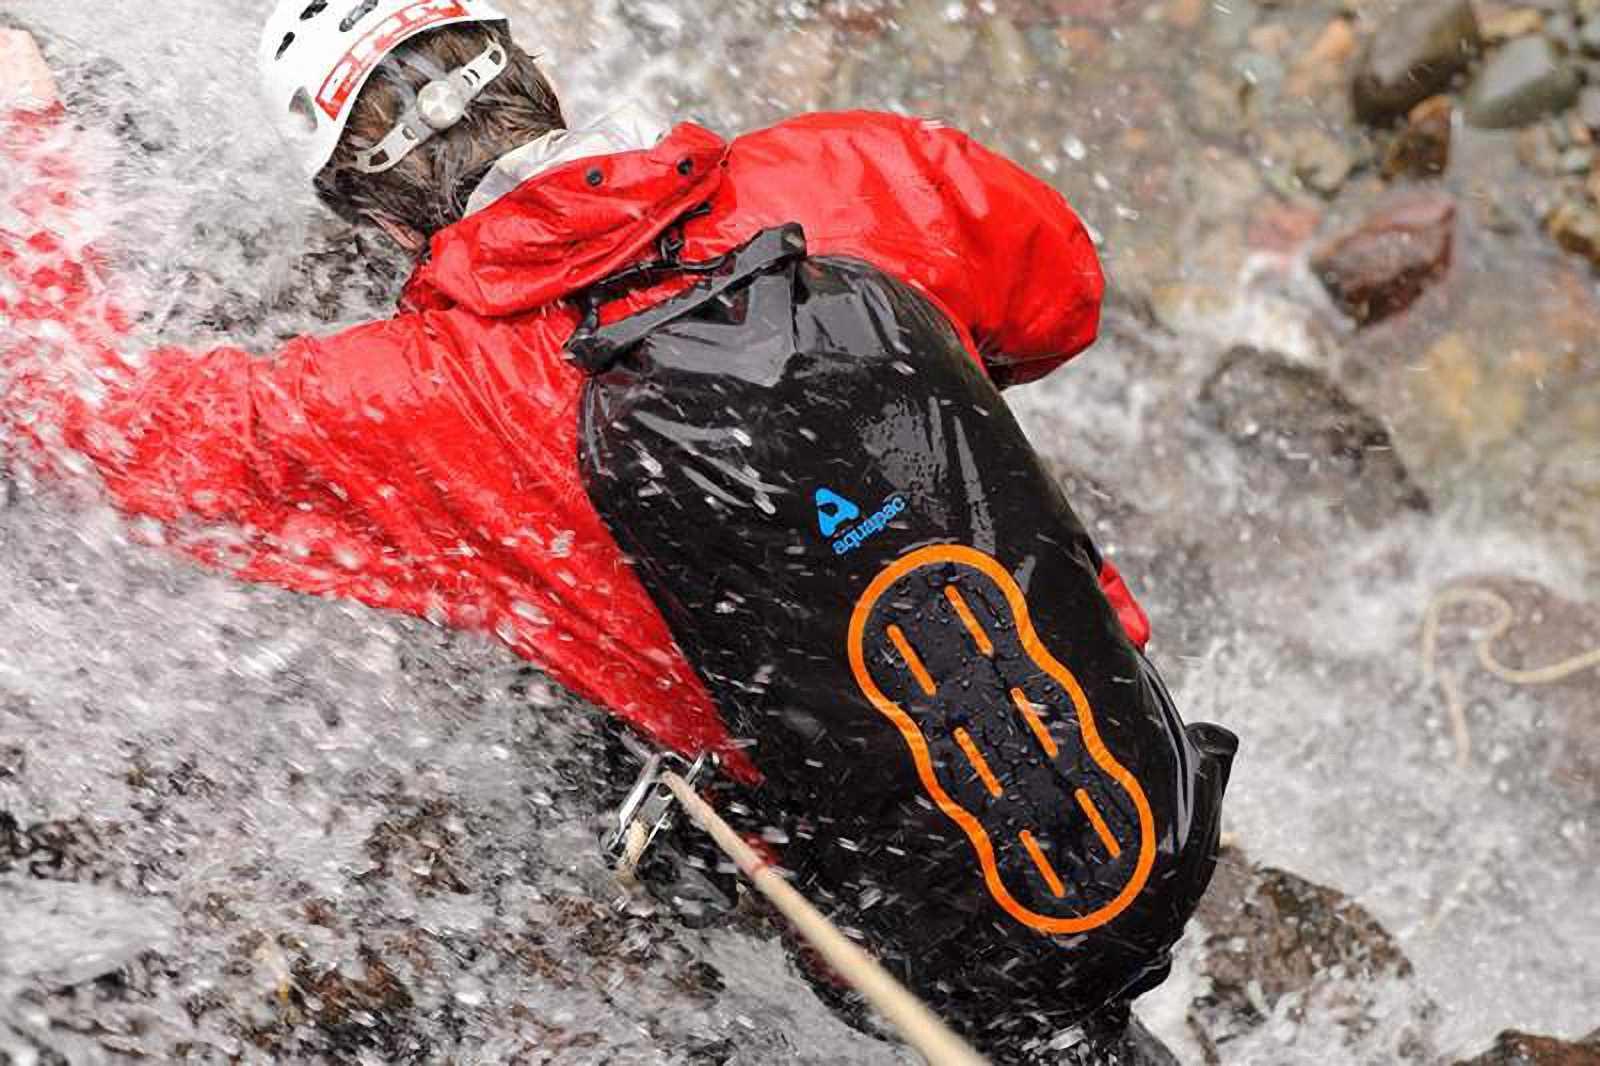 Водонепроницаемый гермомешок-рюкзак (с двумя плечевыми ремнями) Aquapac 778 - Noatak Wet & Drybag - 25L.. Aquapac - №1 в мире водонепроницаемых чехлов и сумок. Фото 6